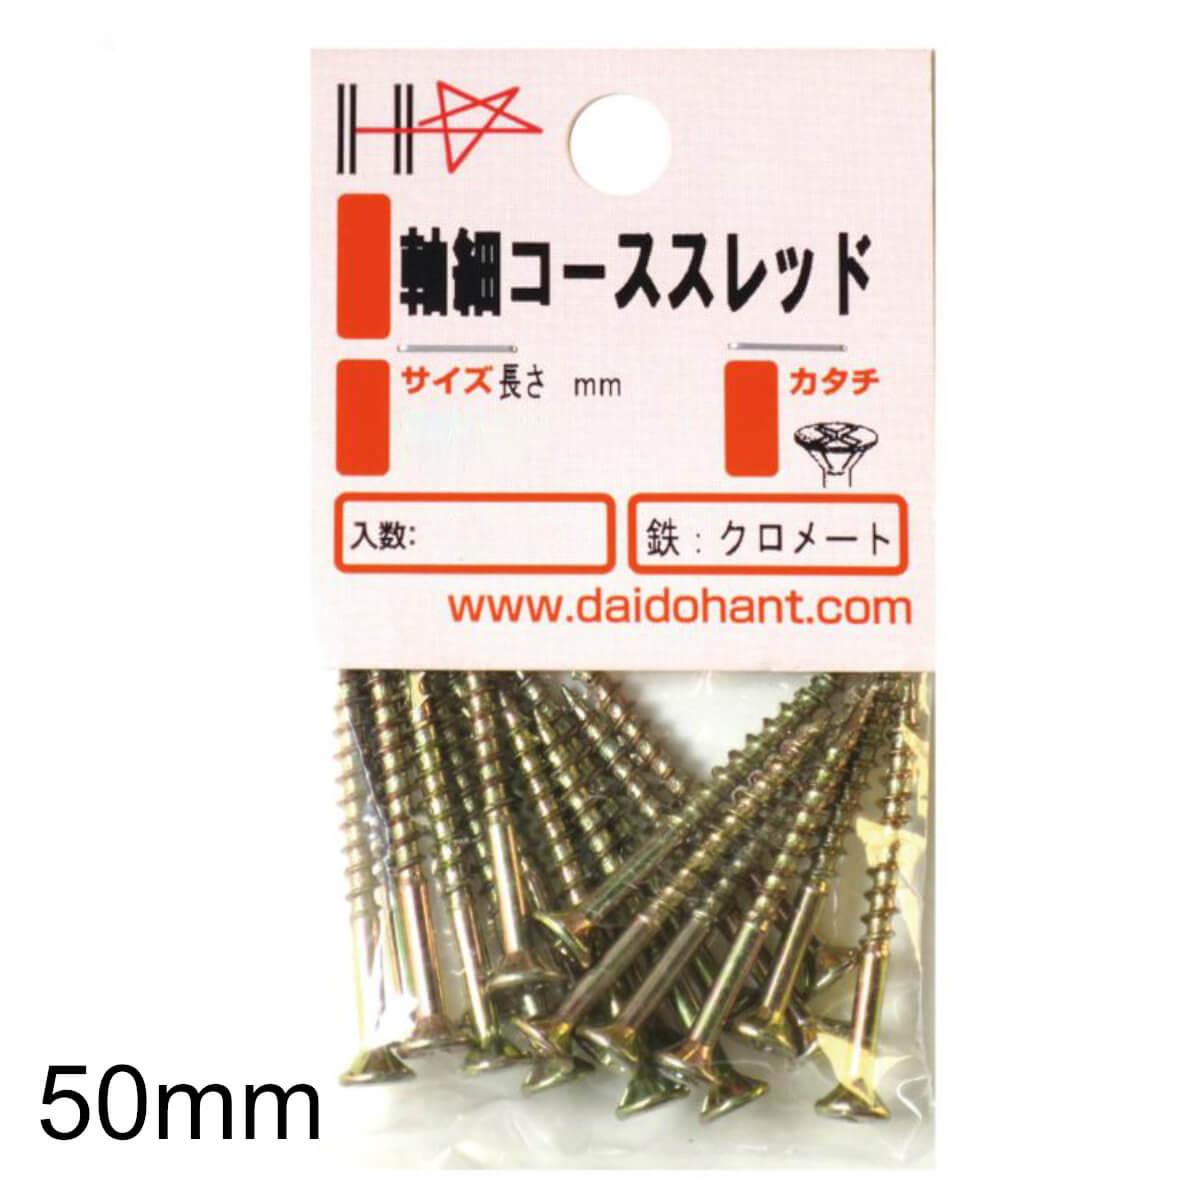 軸細コーススレッド 50mm 約14本入